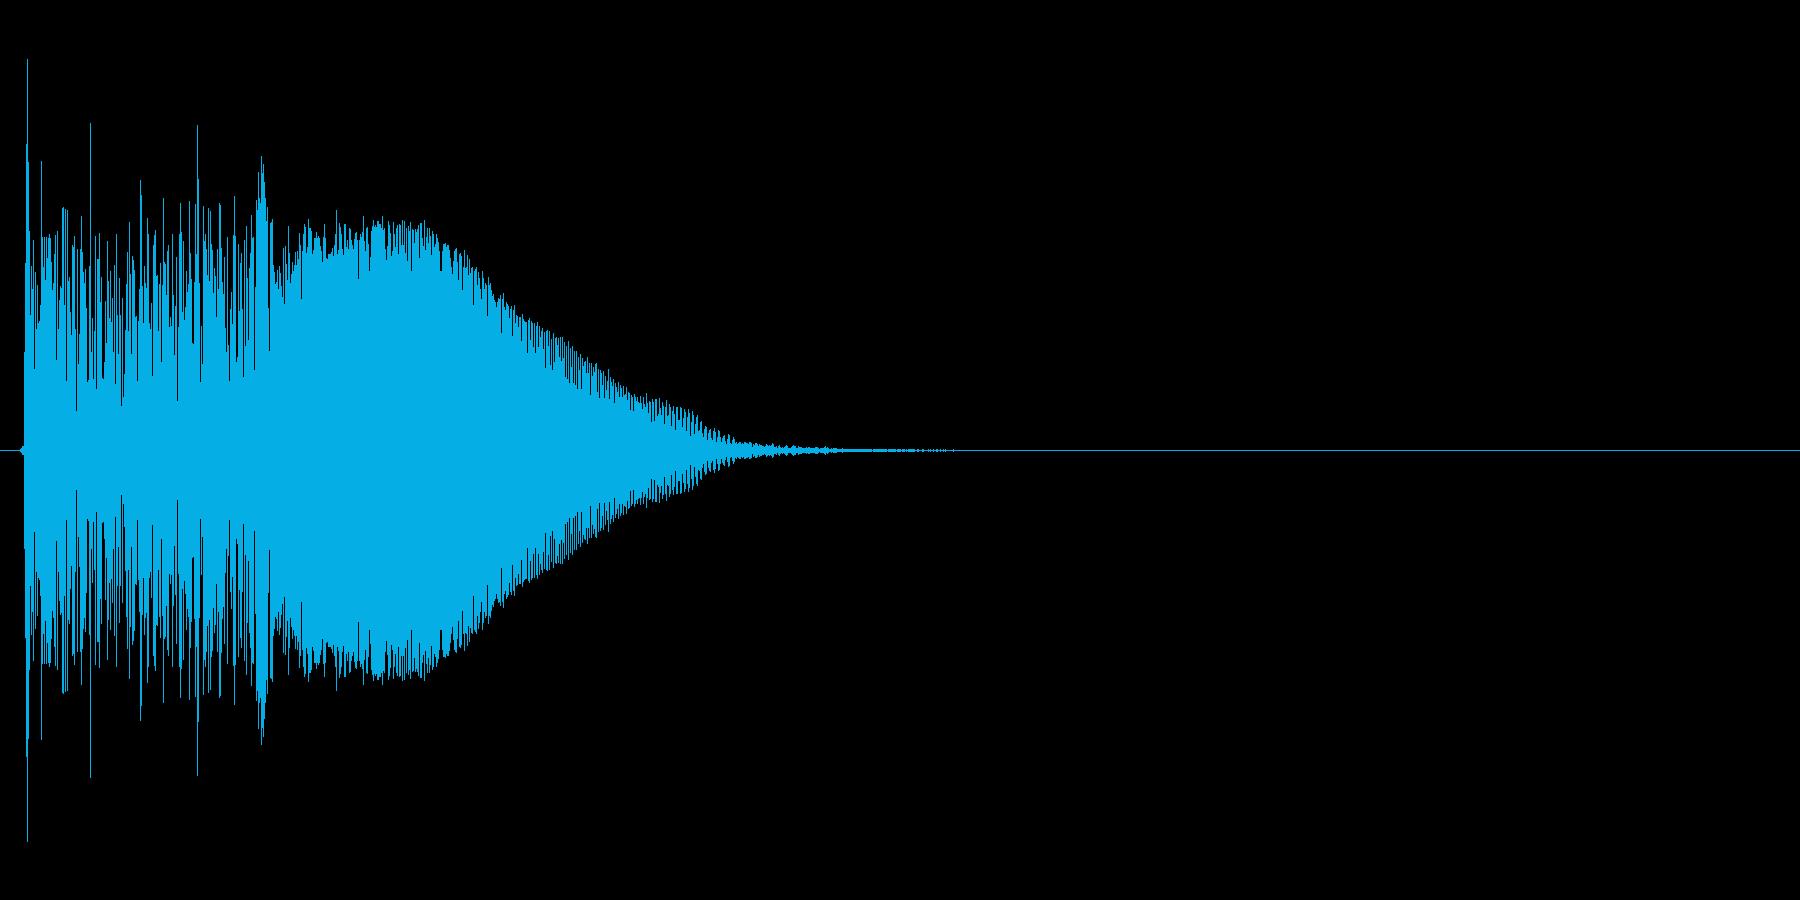 ビーム系ライフルSE(バキューン、SF)の再生済みの波形